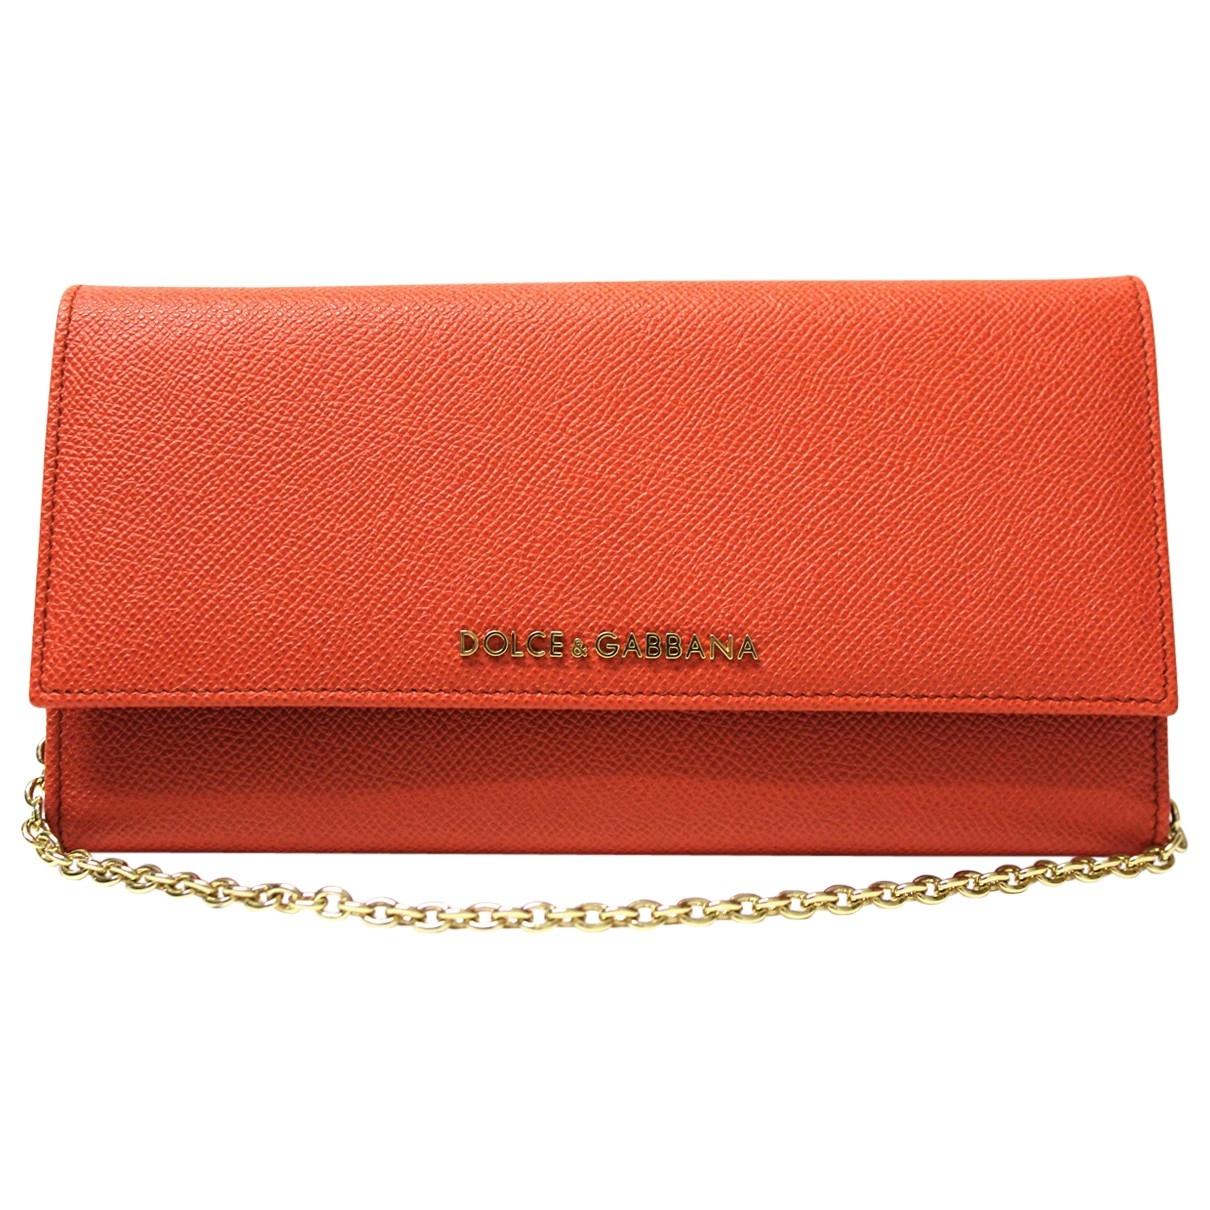 Dolce & Gabbana - Pochette   pour femme en cuir - orange